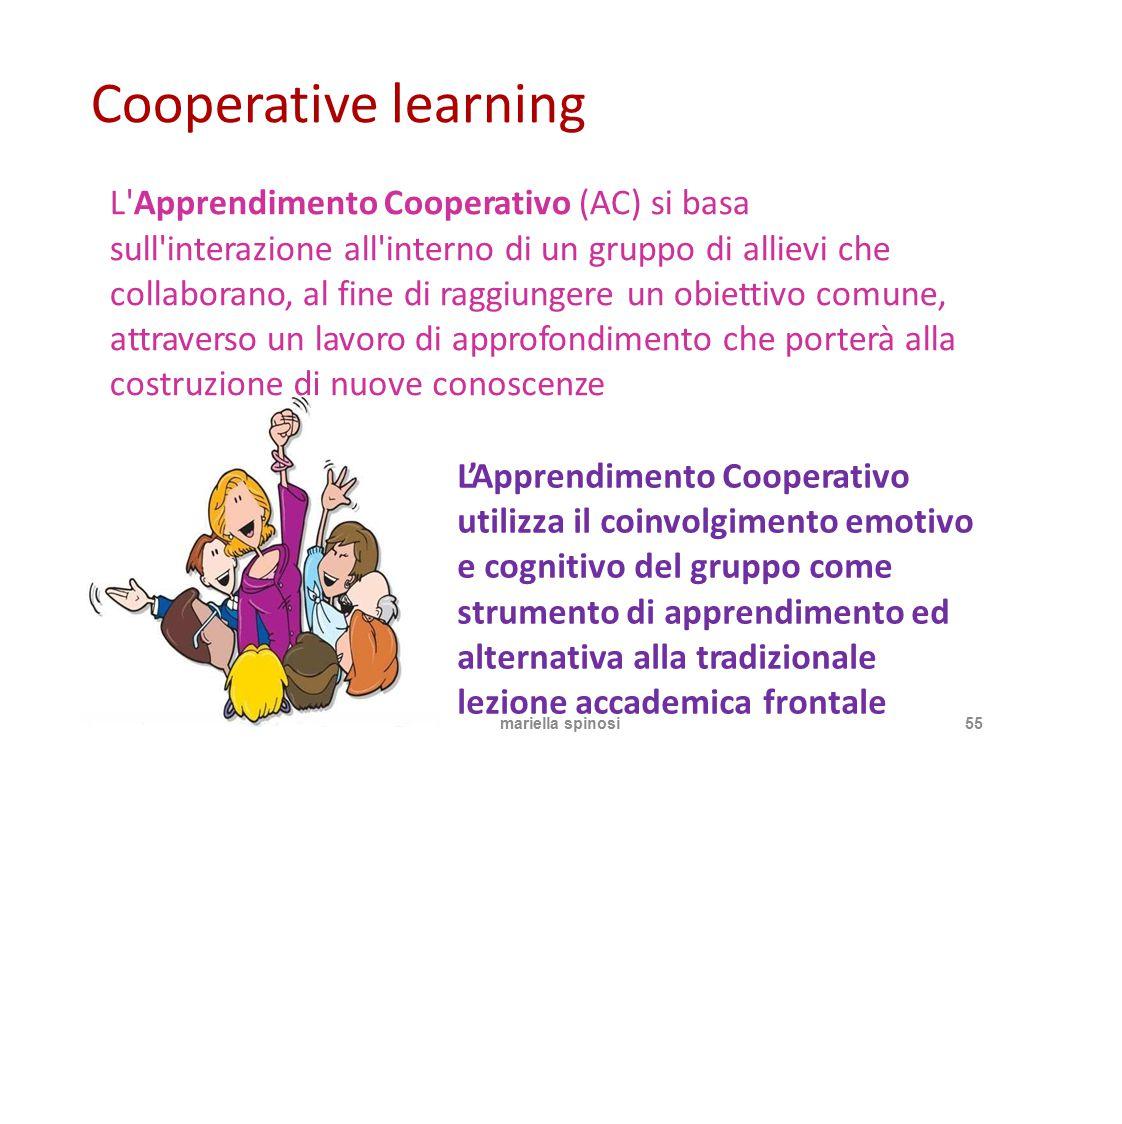 Cooperative learning costruzione di nuove conoscenze